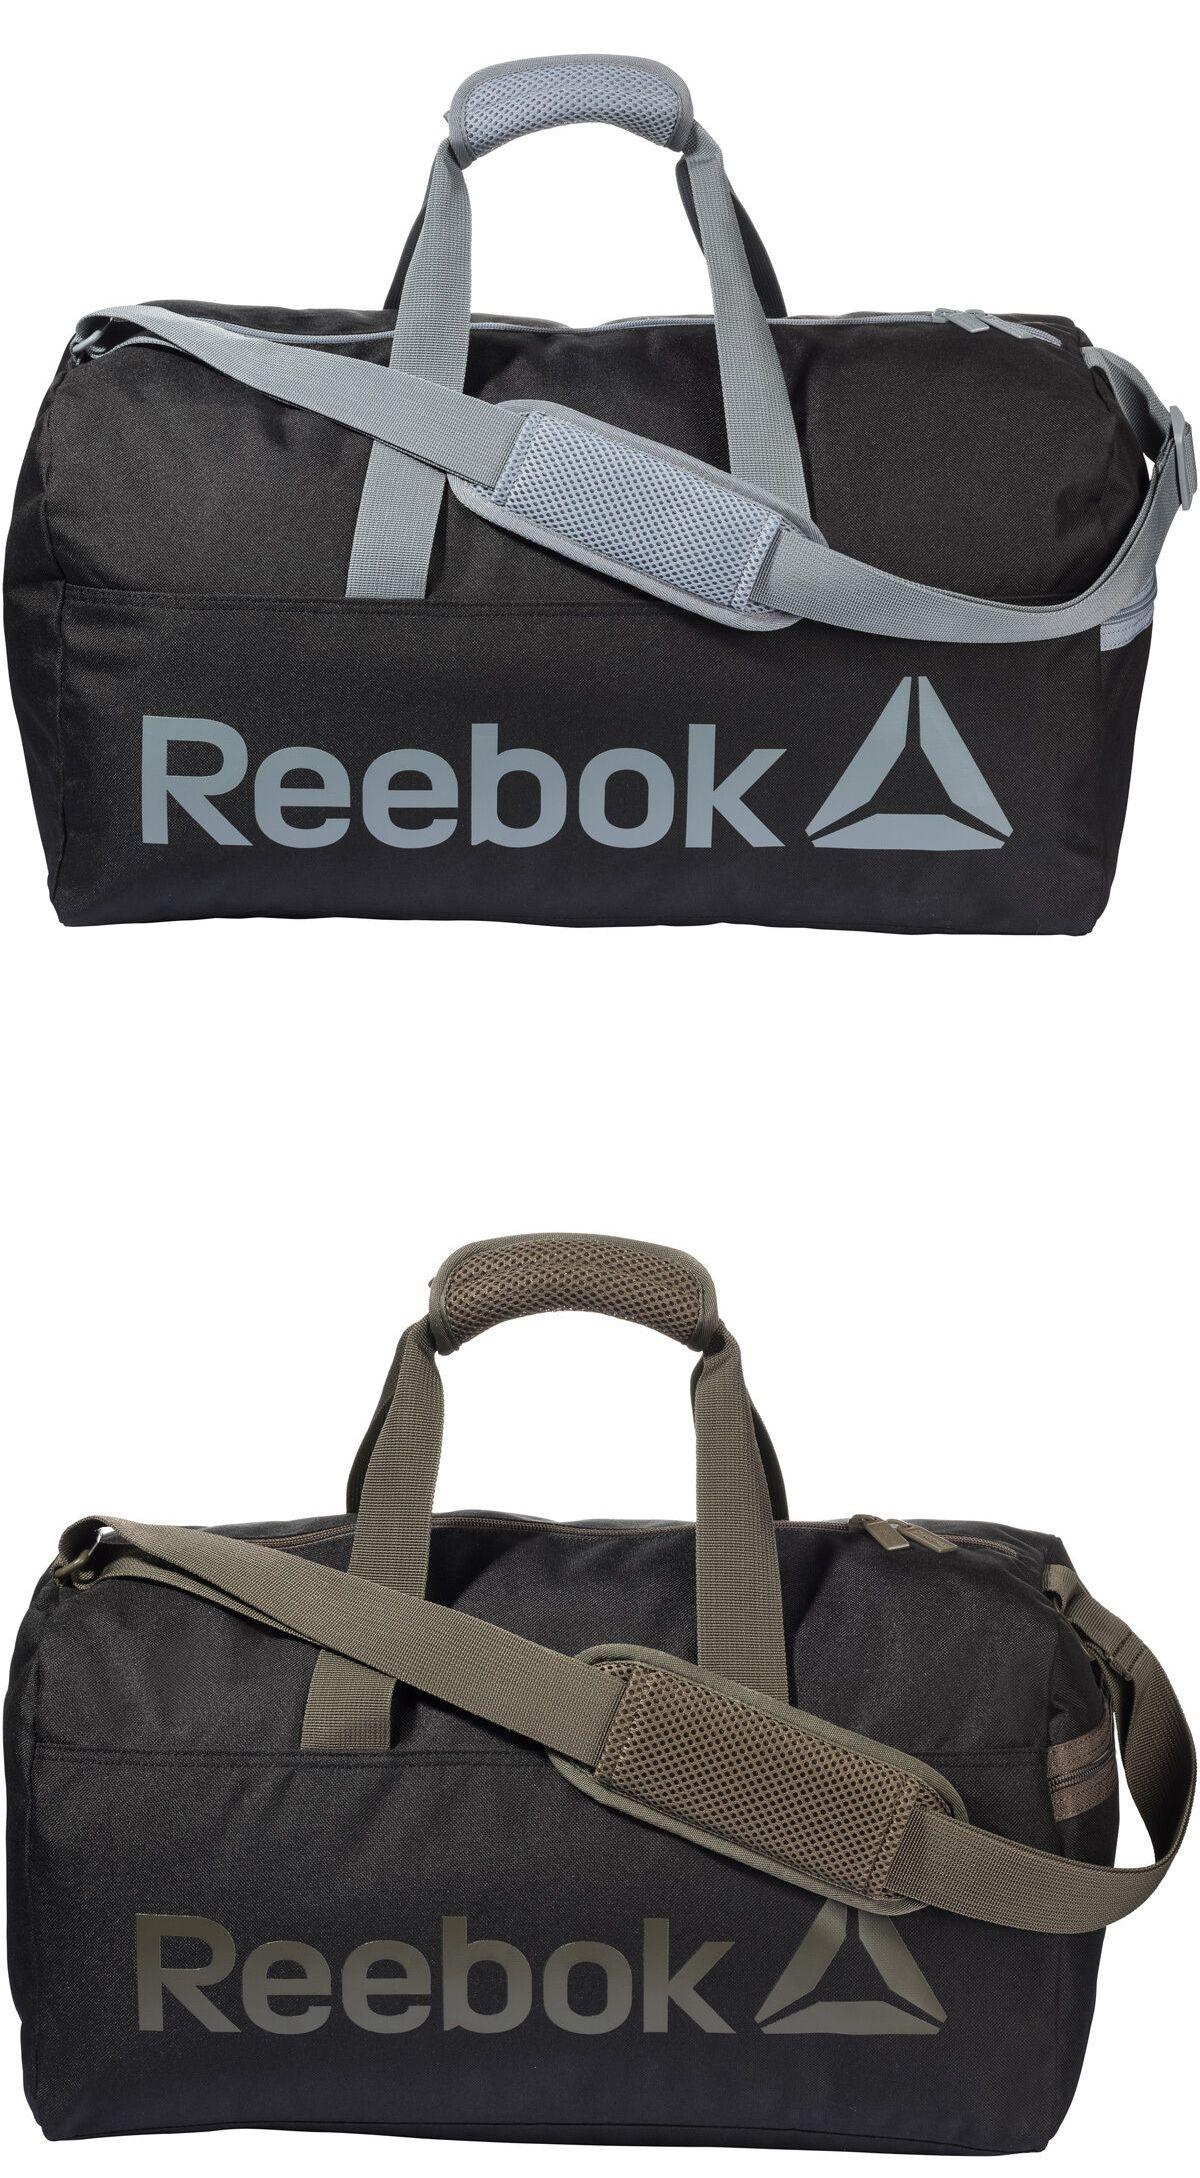 """Reebok™ - Trainingstasche """"Act Core Grip"""" (Größe S & M) ab €4,78 [@Karstadt.de]"""